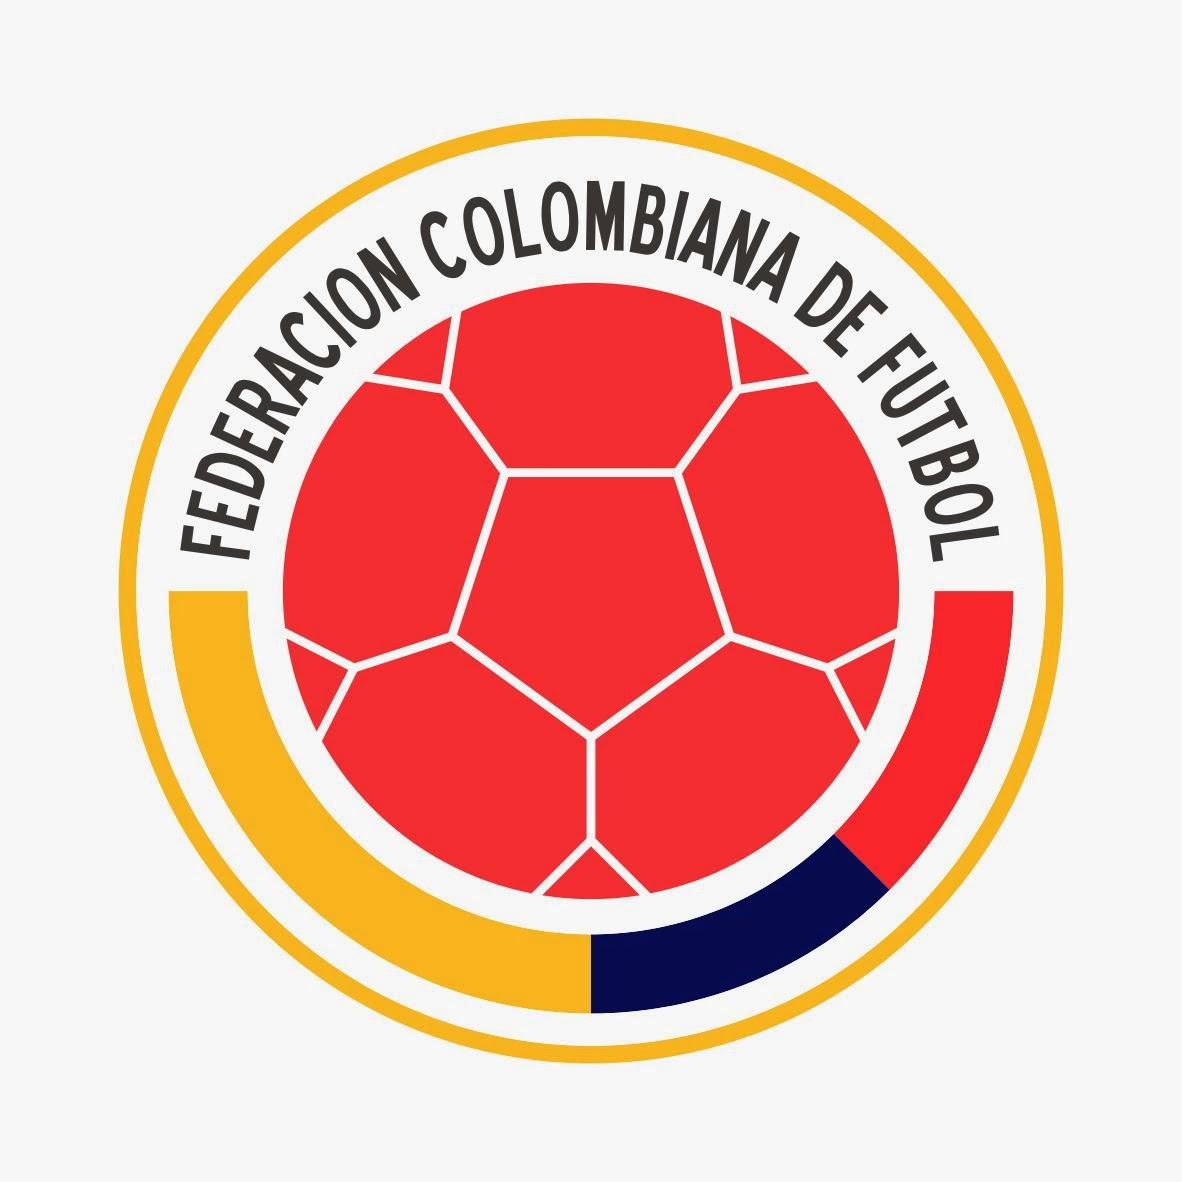 Imagenes De Escudos De Equipos De Futbol Colombiano - Más de 80 Escudos de los mejores equipos de futbol para vos